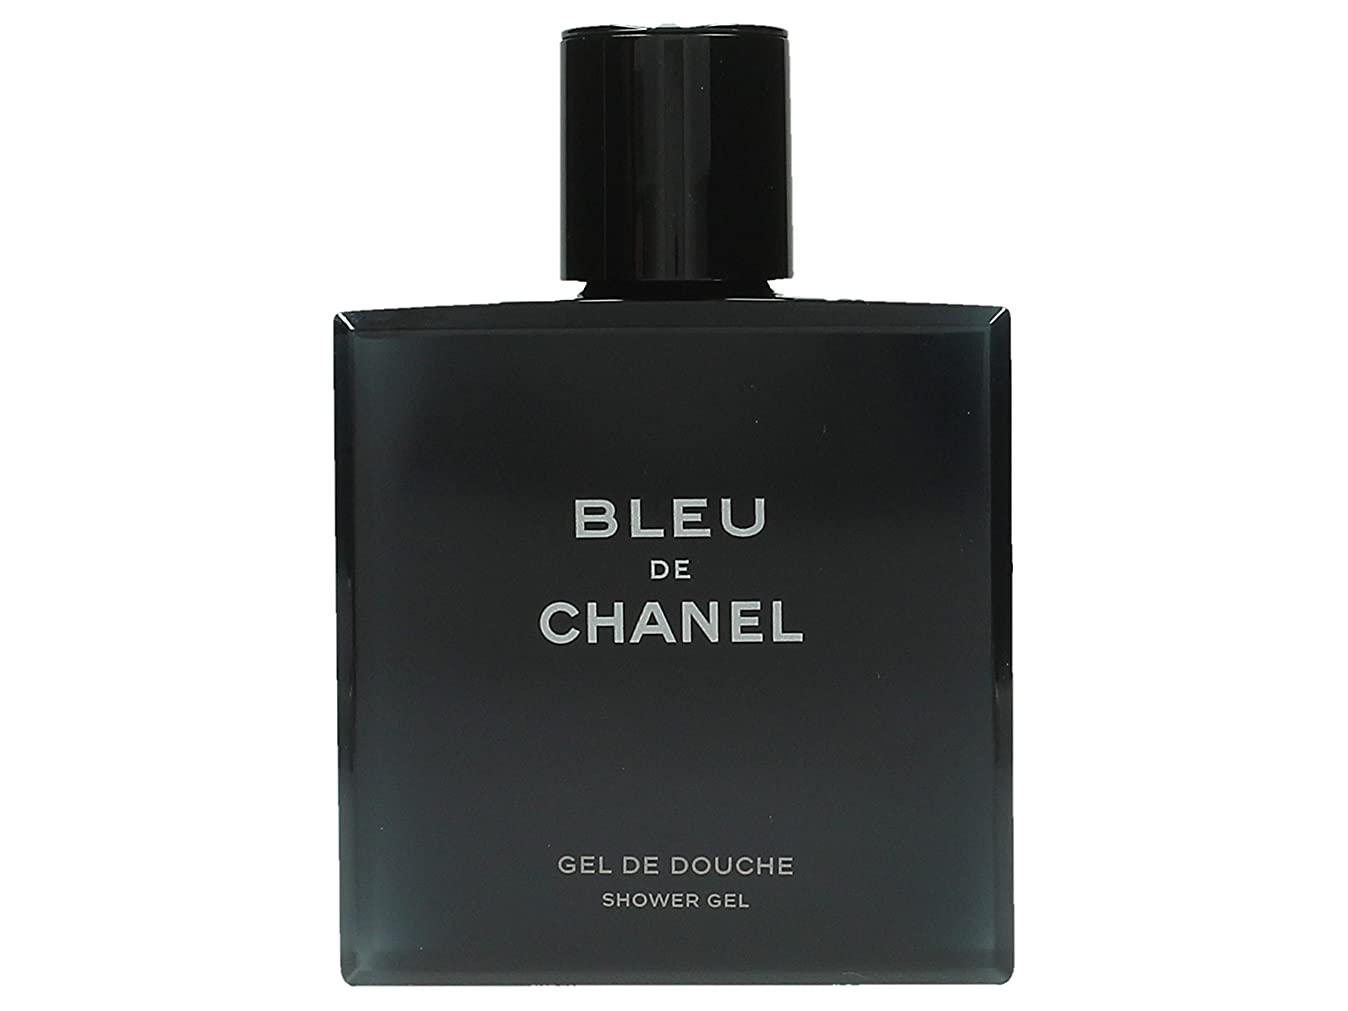 ねばねば荒らすバッグシャネル CHANEL ブルー ドゥ シャネル ボディ ウォッシュ 200ml